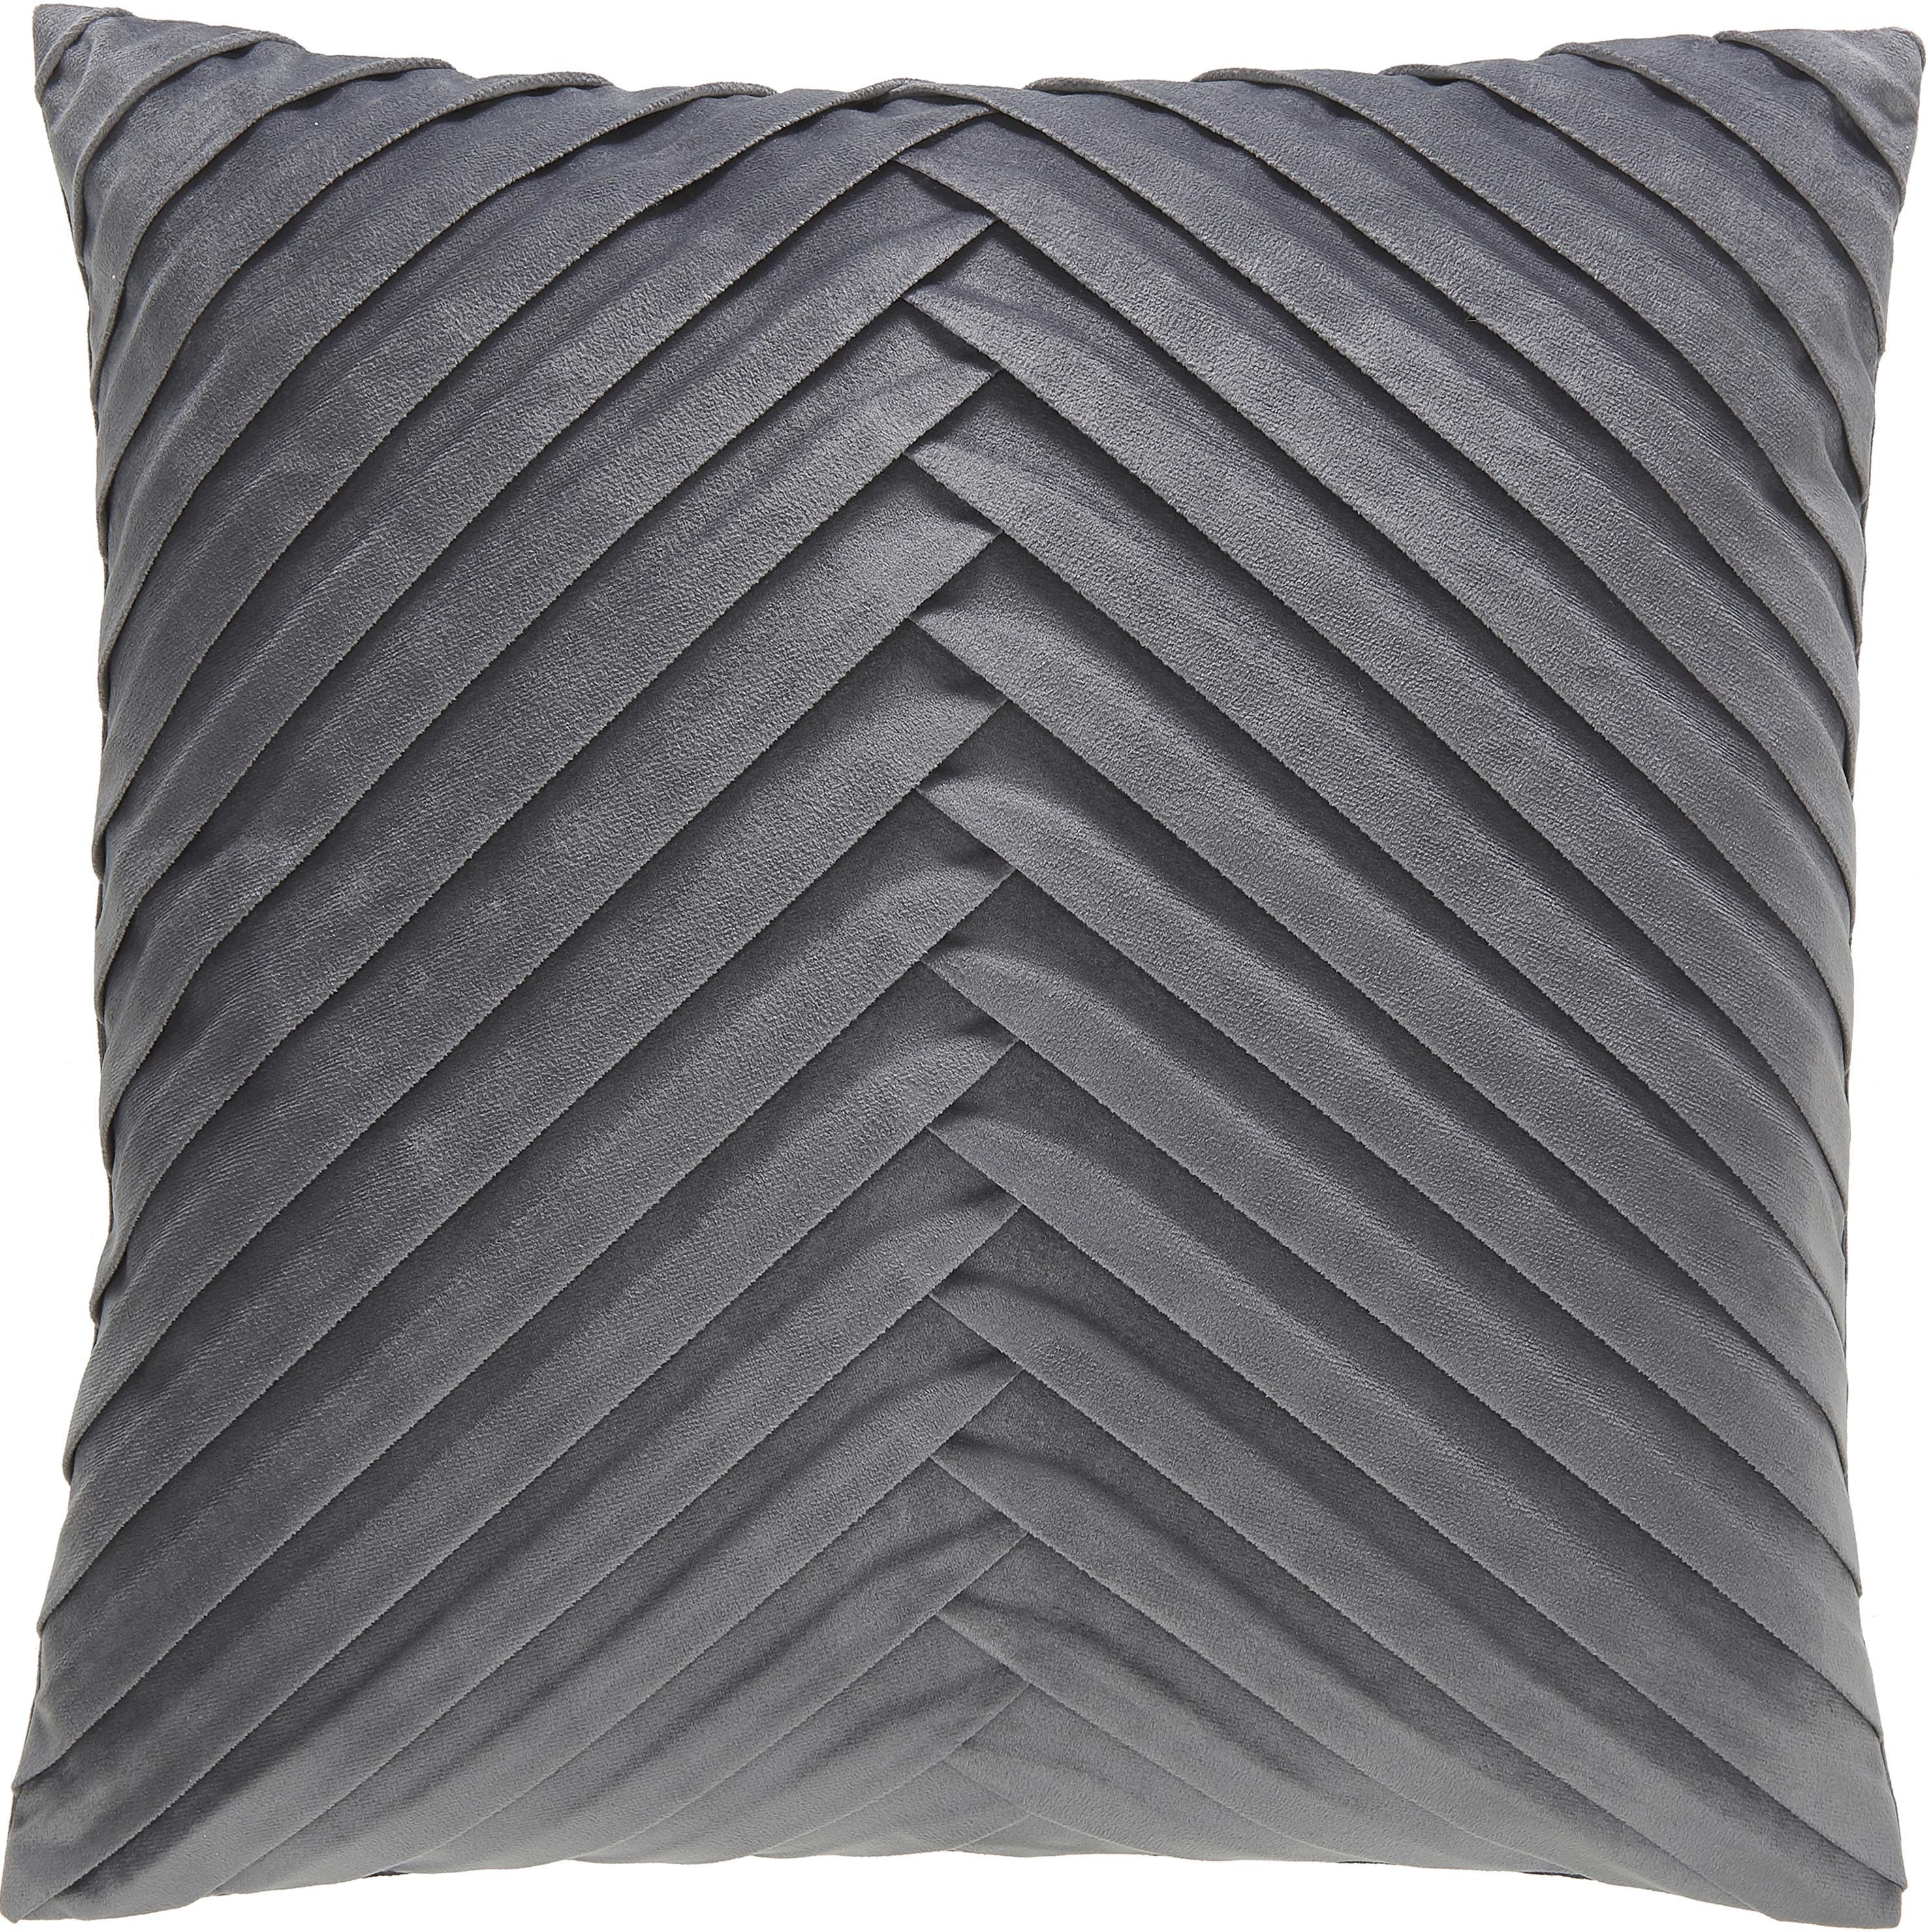 Fluwelen kussenhoes Lucie met gestructureerde oppervlak, 100% fluweel (polyester), Donkergrijs, 45 x 45 cm